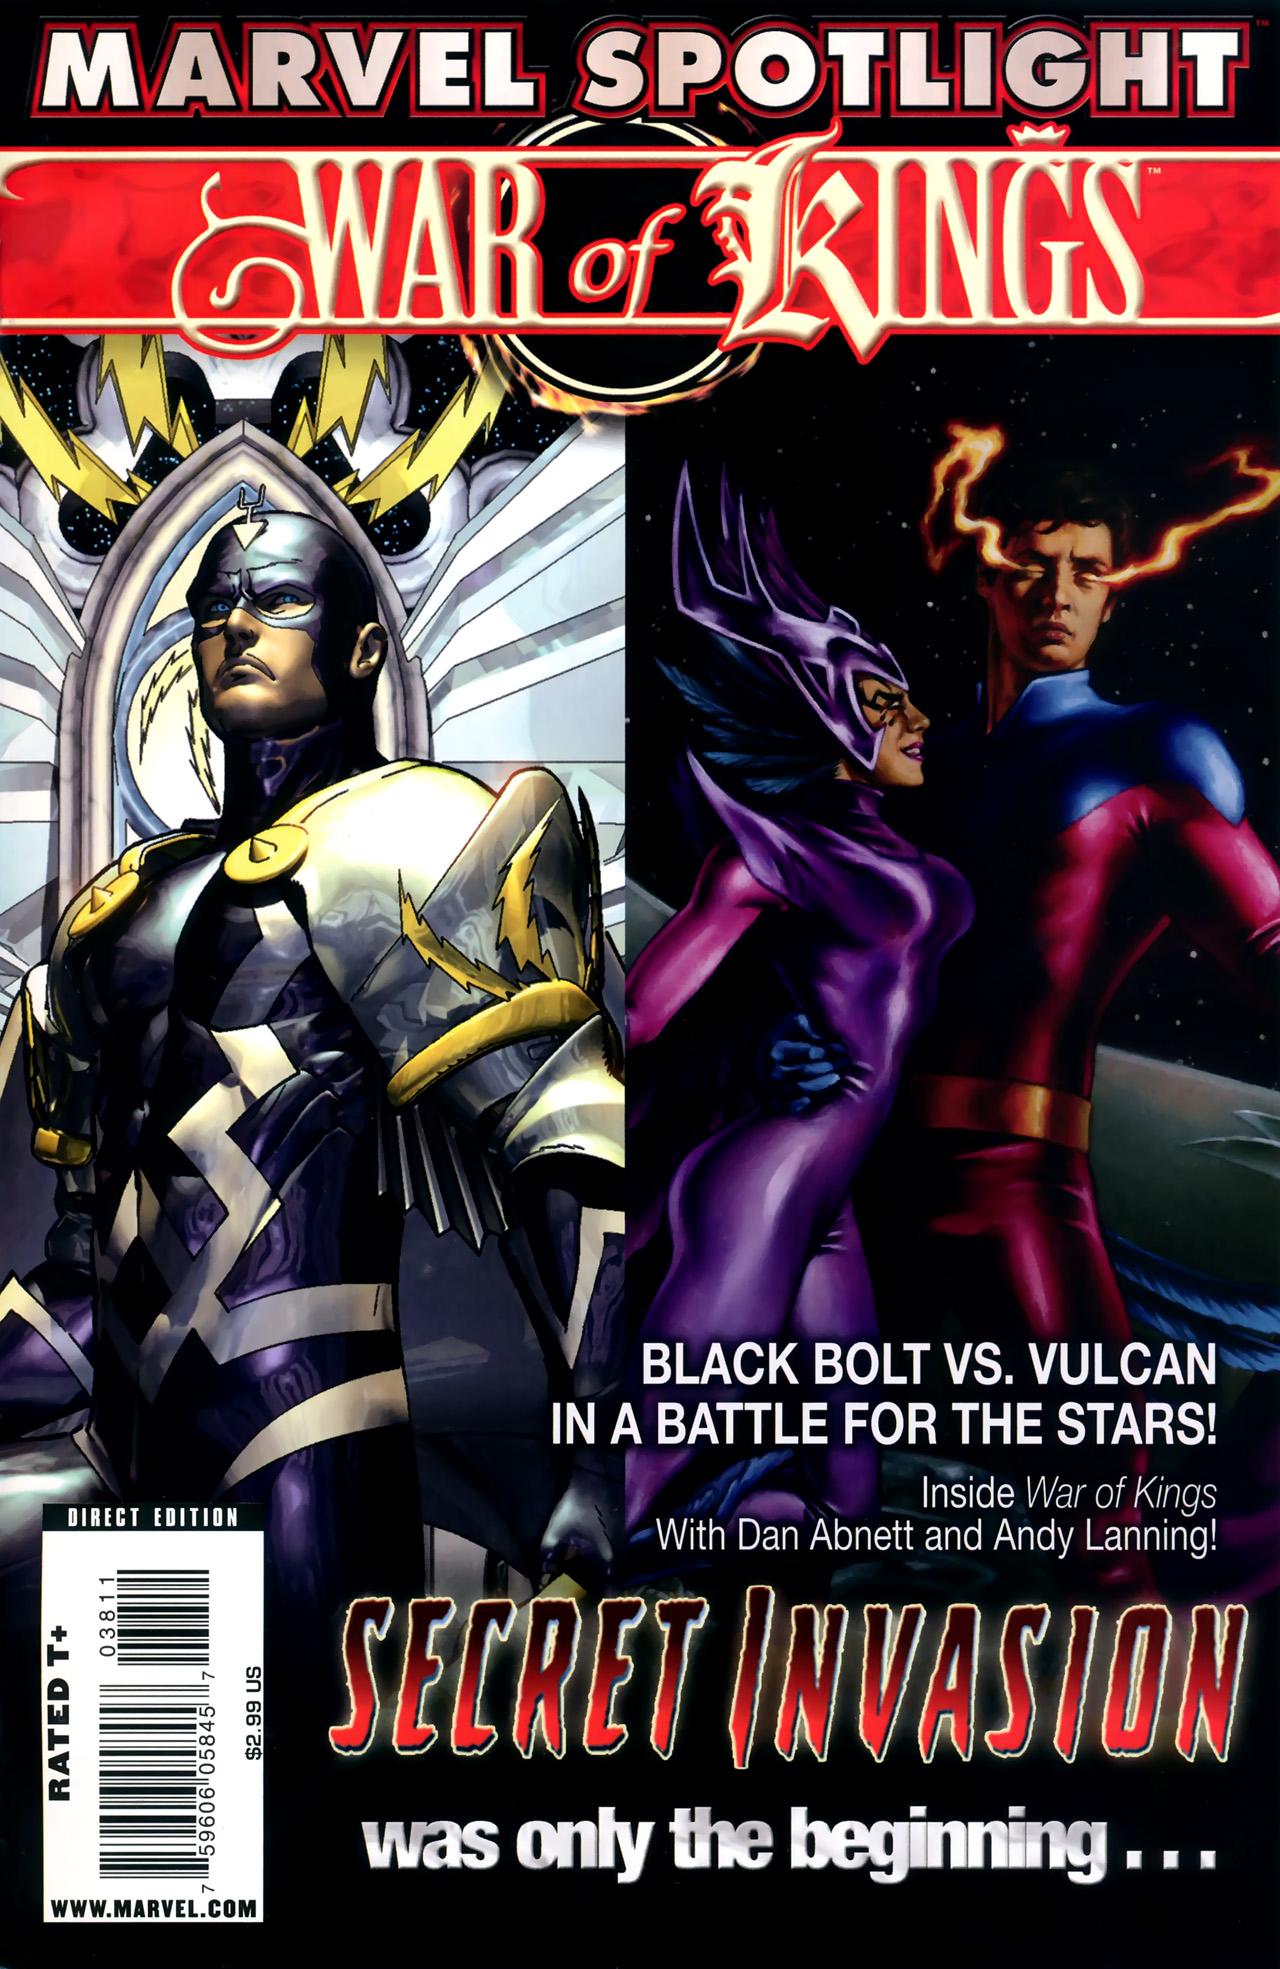 Marvel Spotlight: War of Kings Vol 1 1